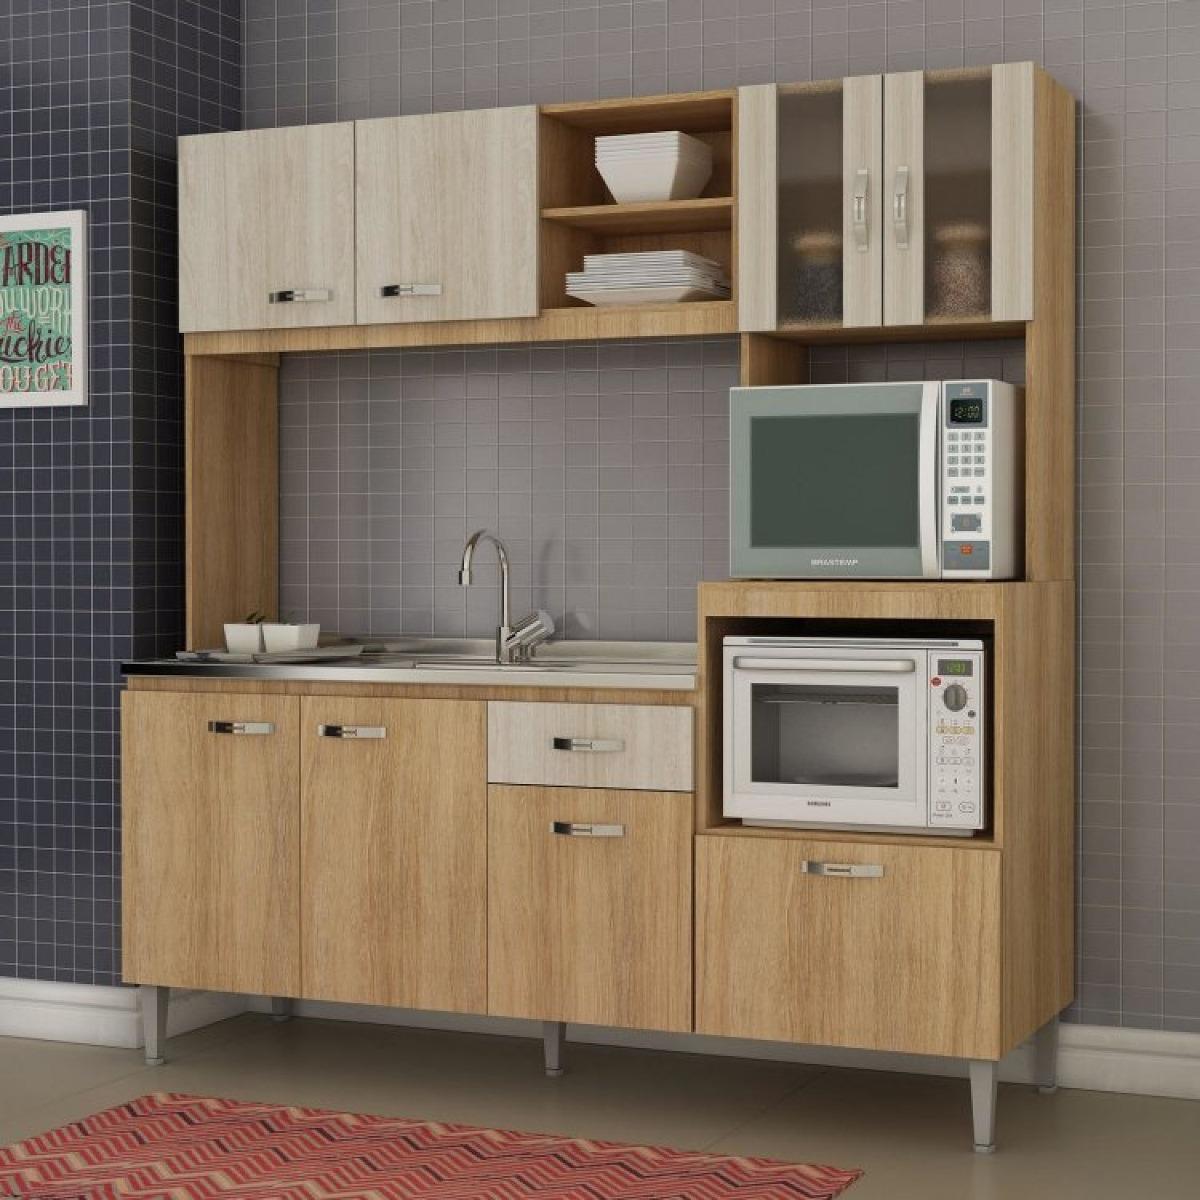 Cozinha Compacta Sem Pia E Tampo 8 Portas 1 Gaveta Bj R 519 90 Em